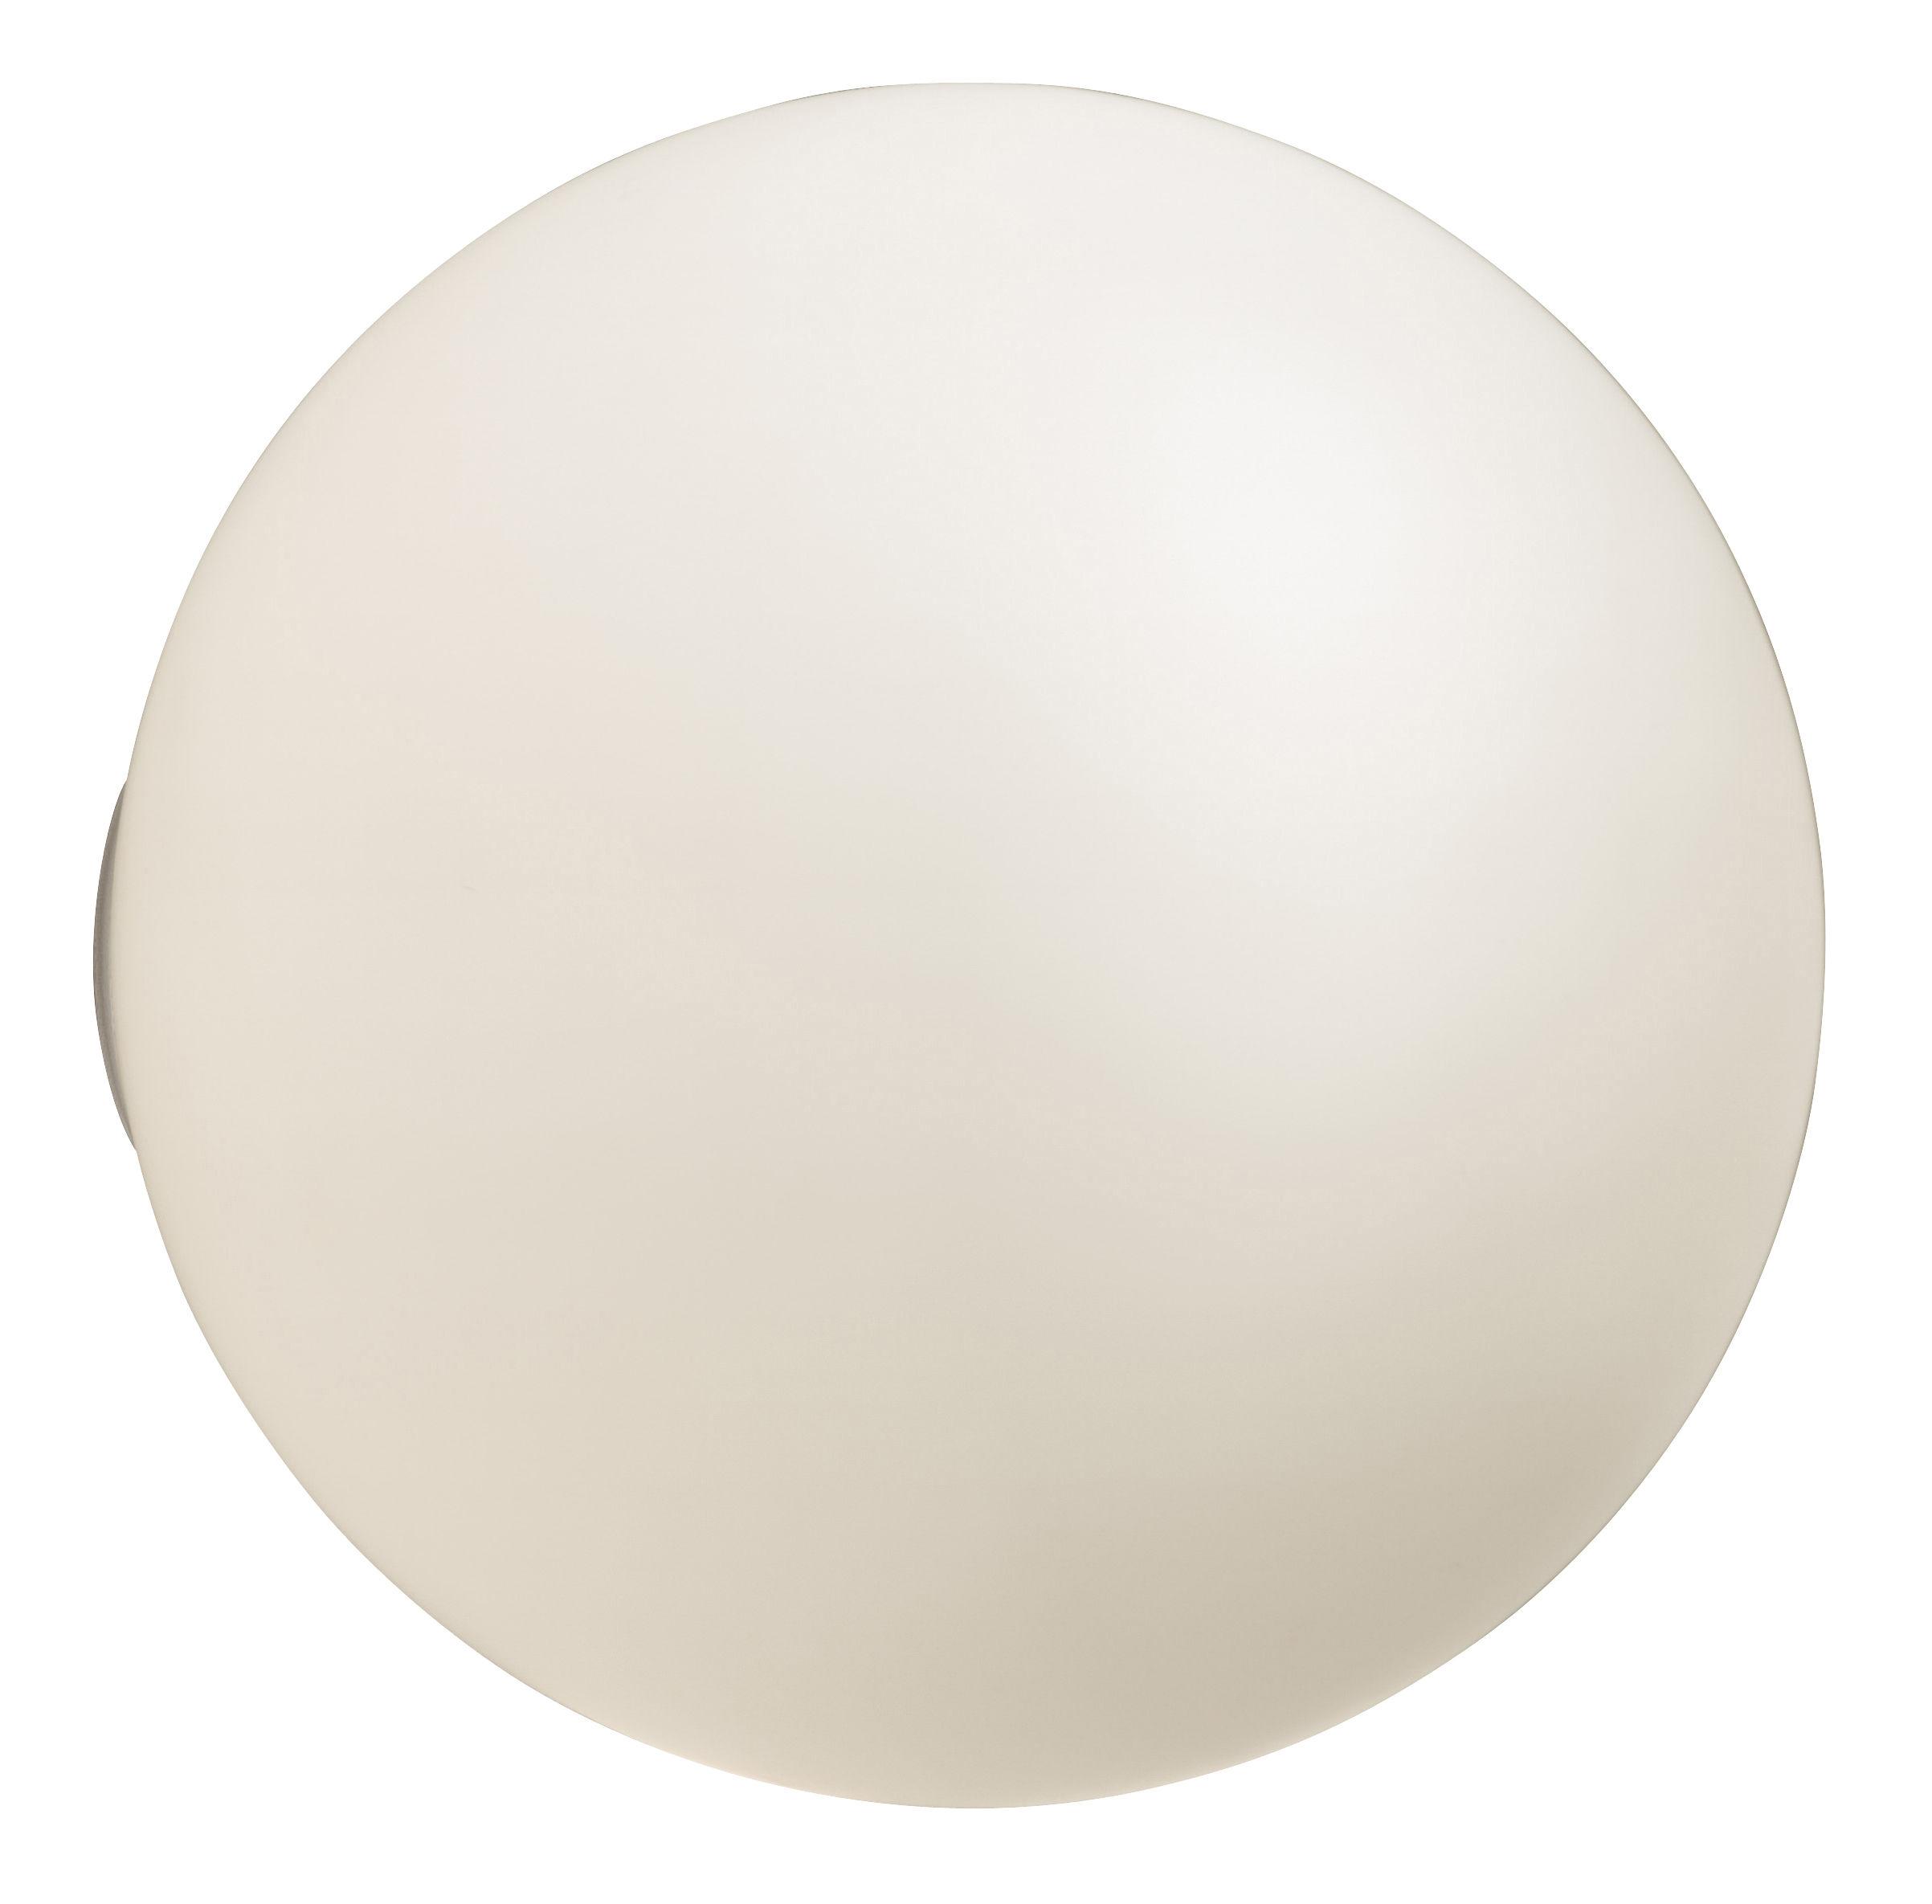 Luminaire - Appliques - Applique d'extérieur Dioscuri / Plafonnier - Artemide - Ø 25 cm - Blanc - Verre soufflé